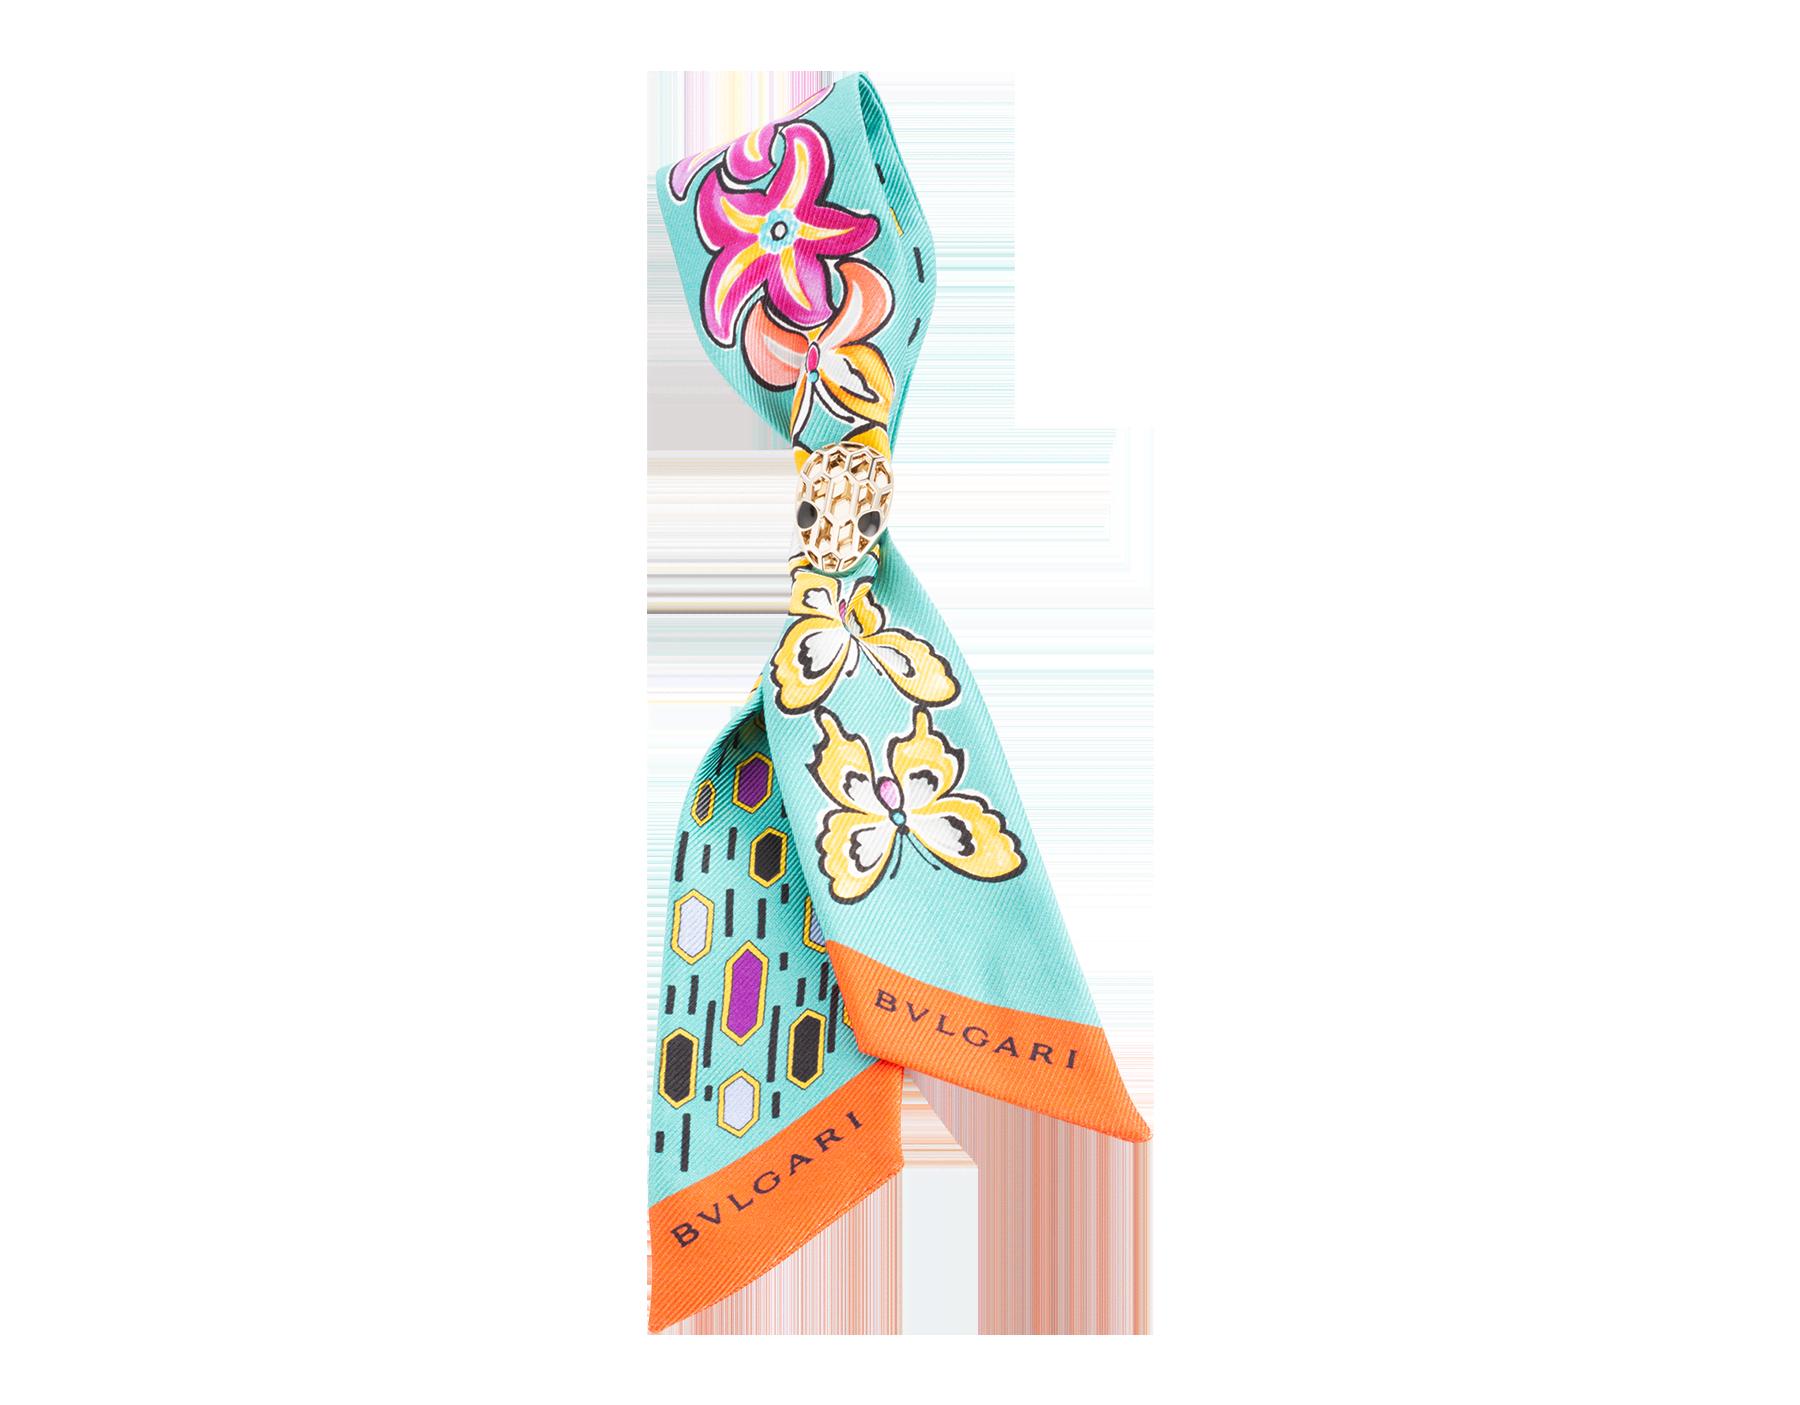 極地翡翠色「B Fly」領巾式上等薩里昂絲巾。 244025 image 1